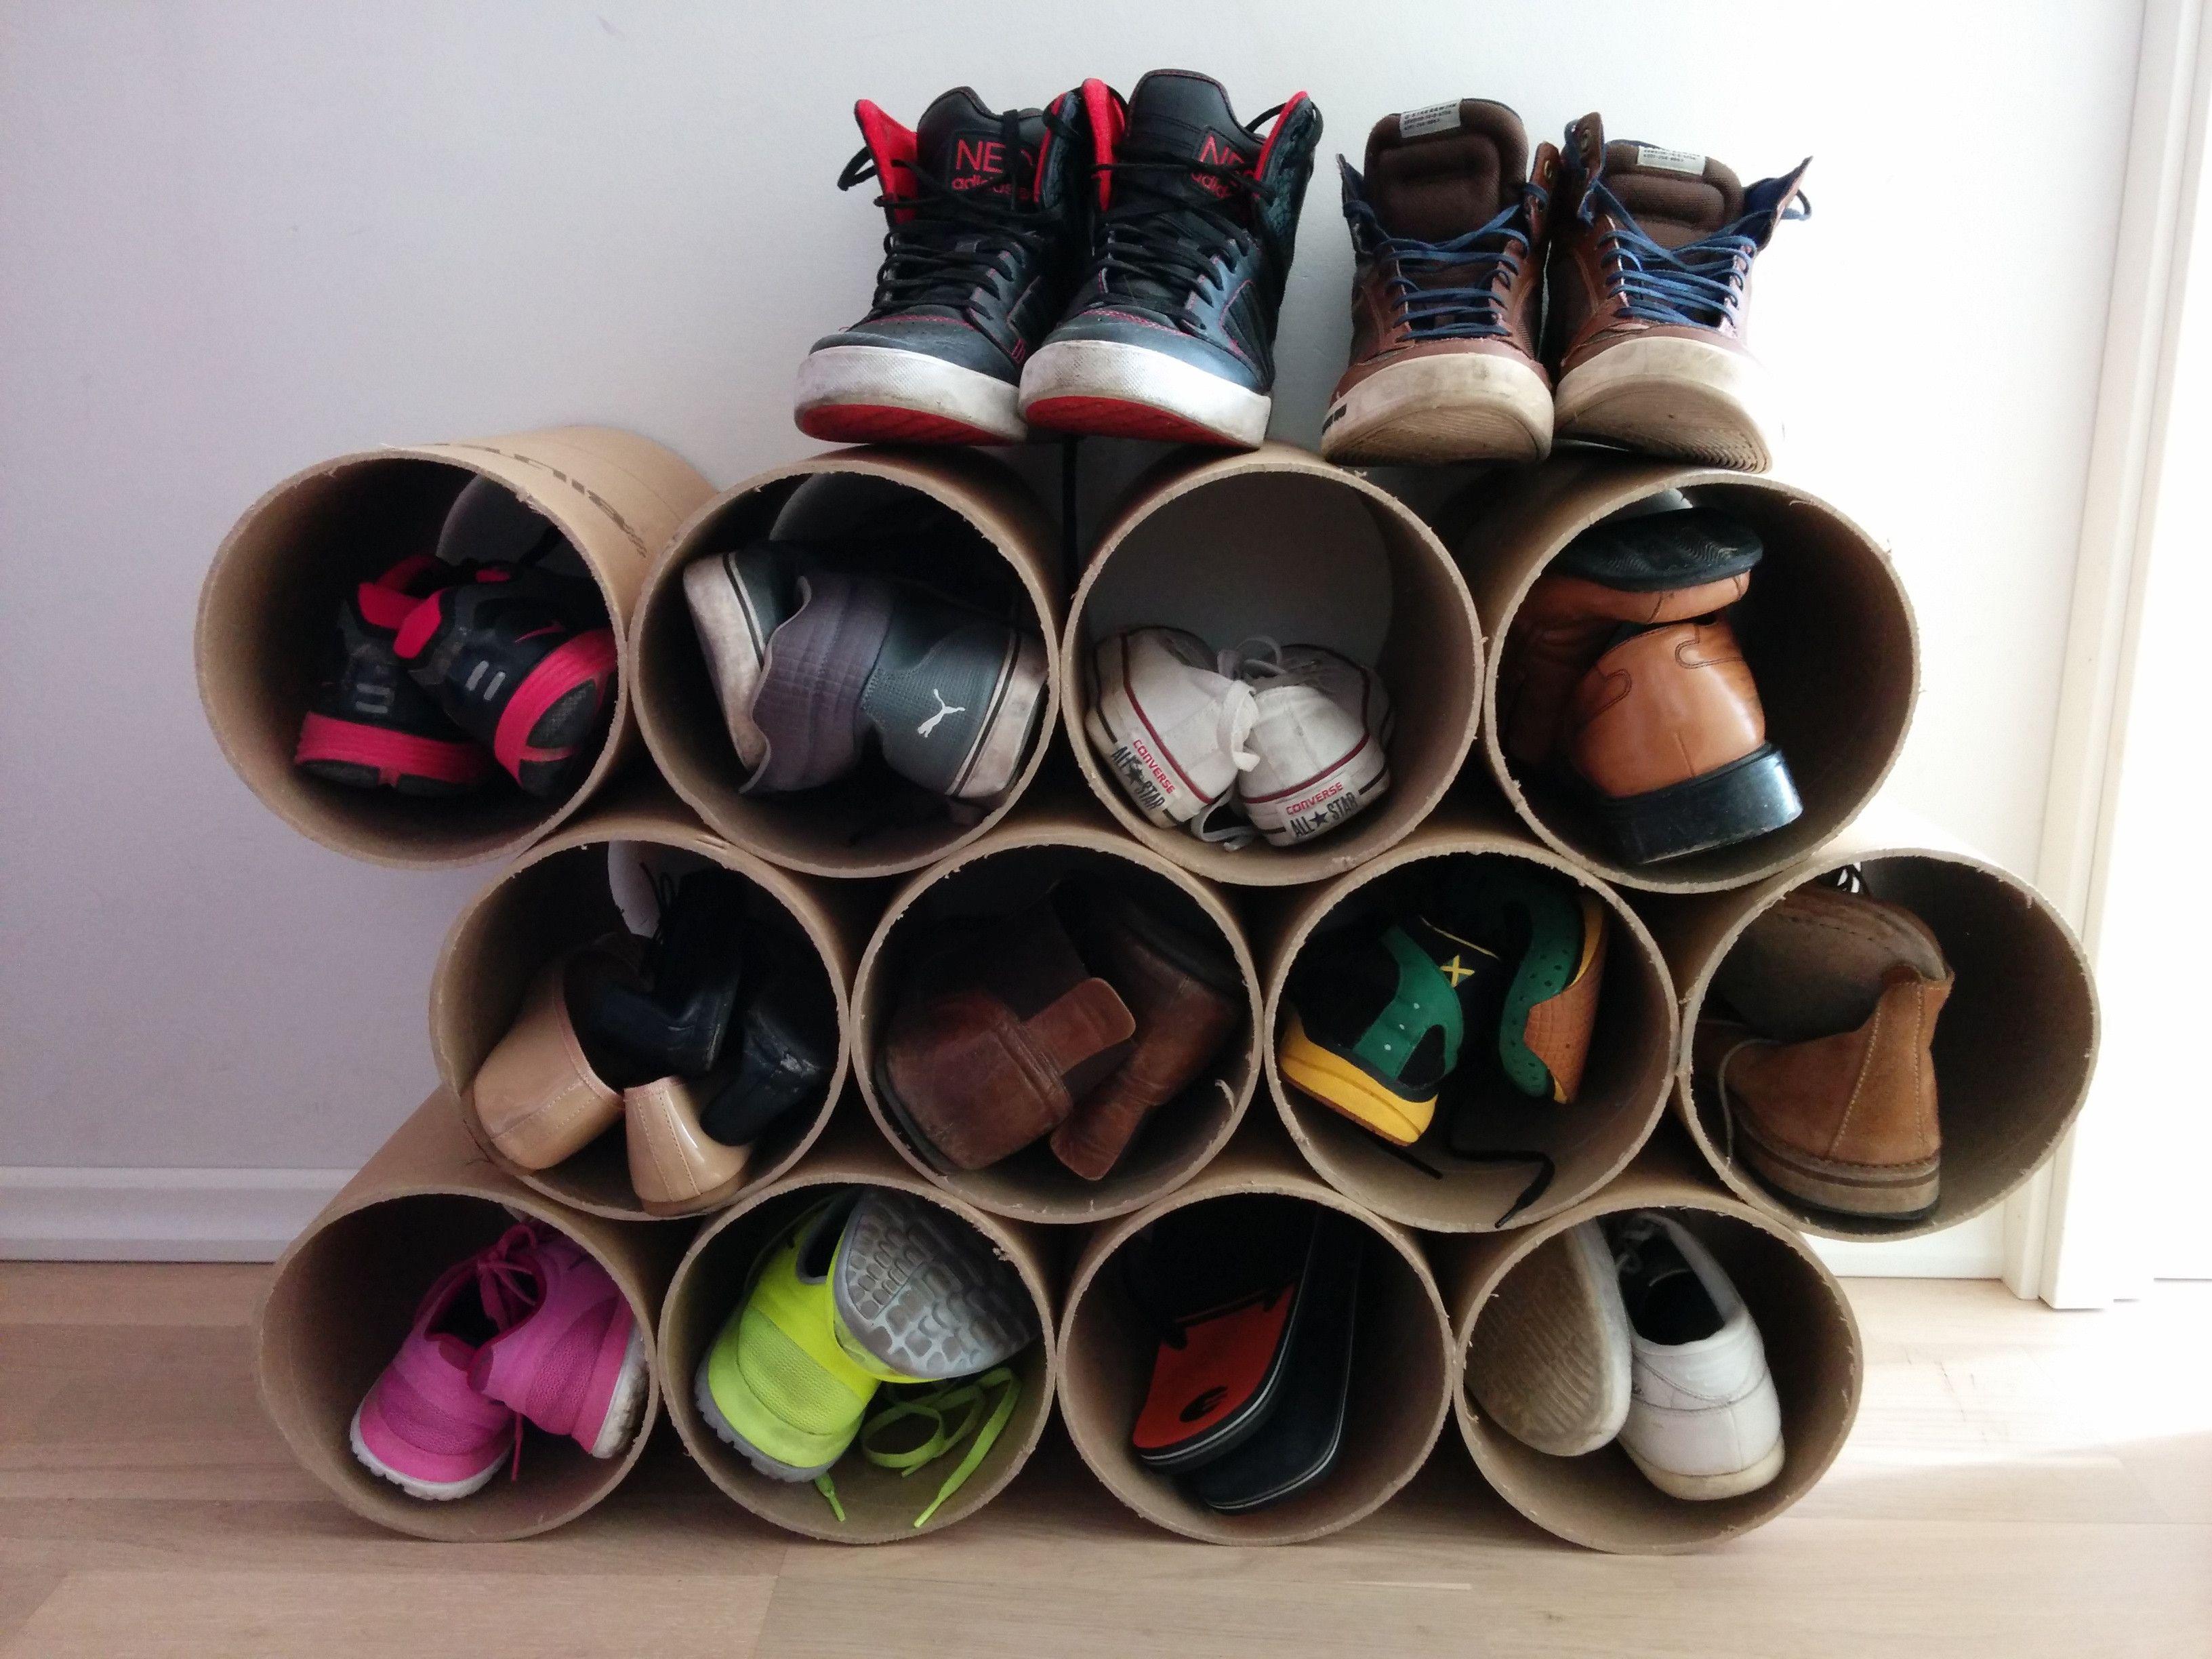 Kết quả hình ảnh cho Cardboard to store shoes